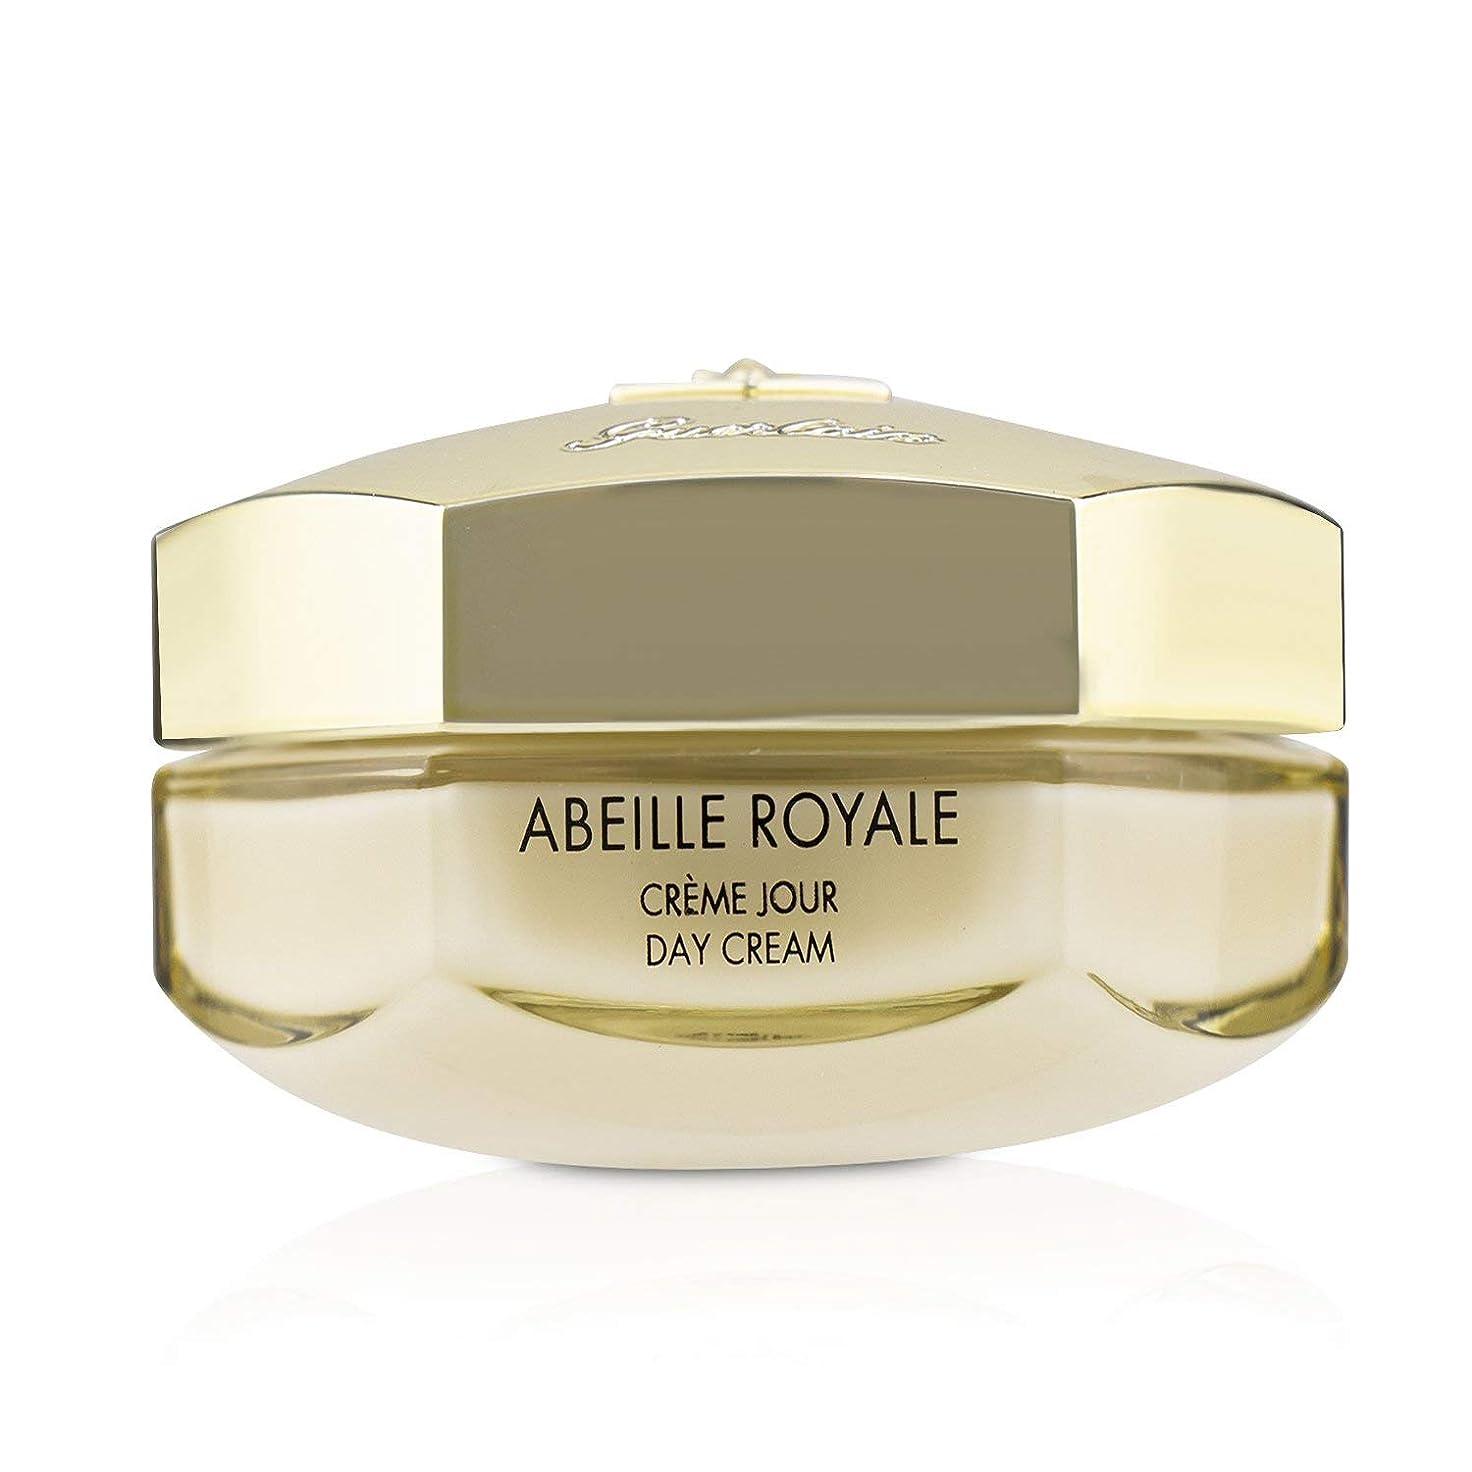 幻想的恒久的石油ゲラン Abeille Royale Day Cream - Firms, Smoothes & Illuminates 50ml/1.6oz並行輸入品